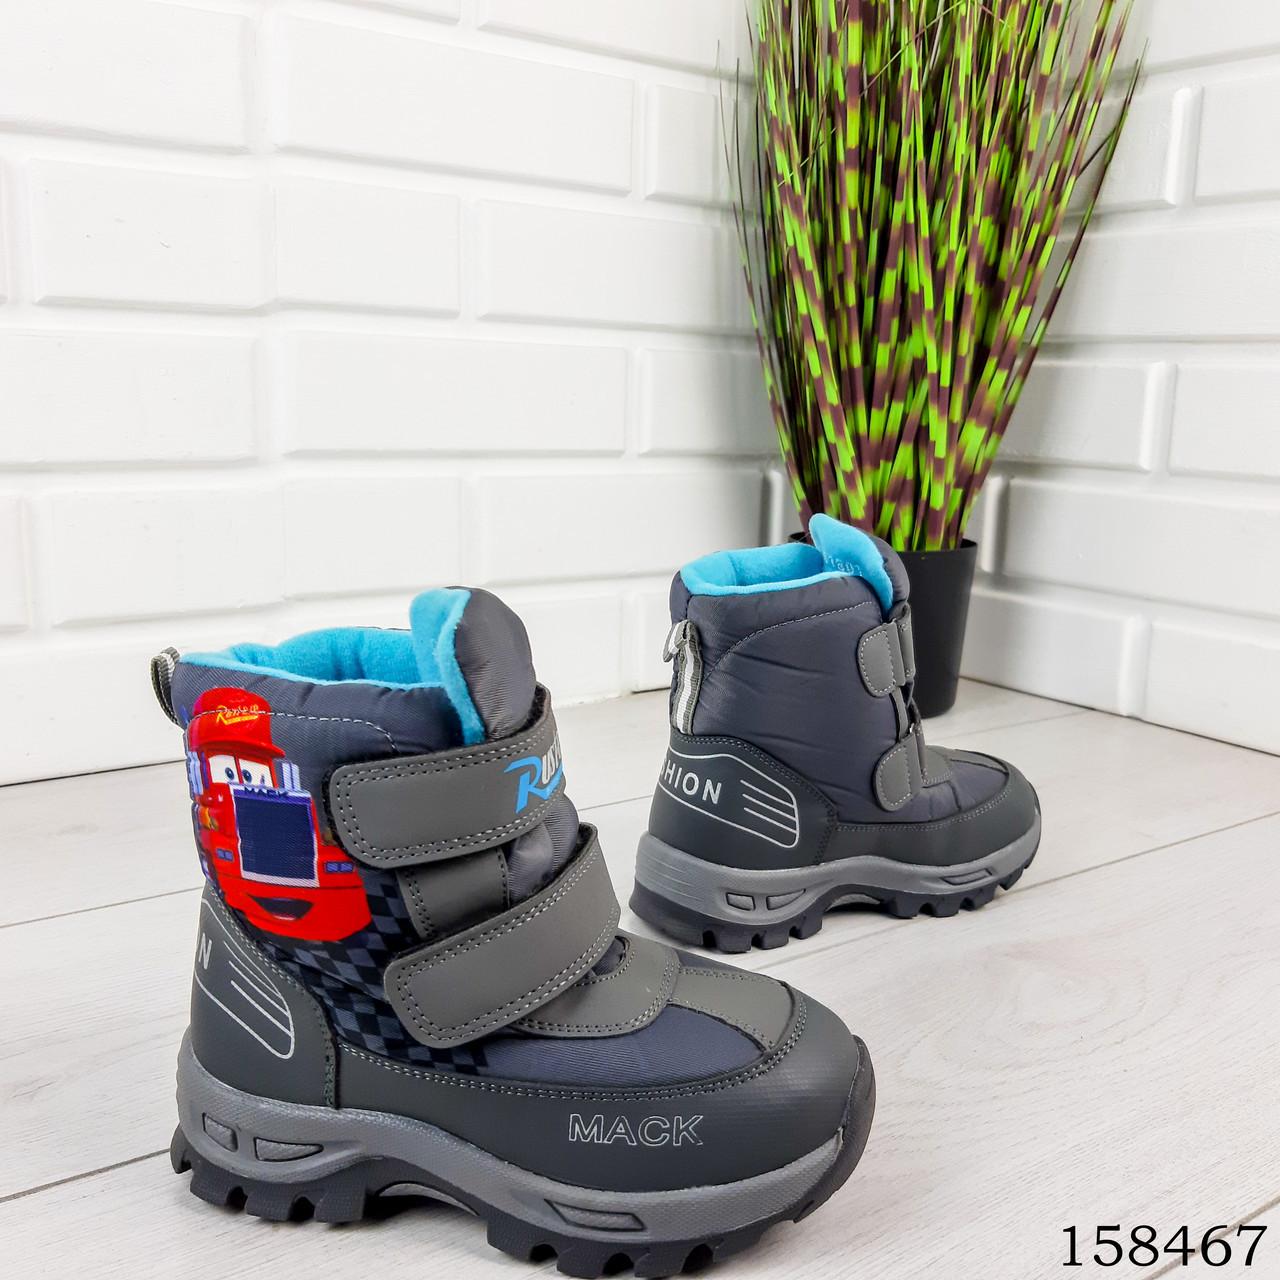 Детские, подростковые ботинки зимние на липучках, серого цвета из эко кожи, внутри теплый эко мех.